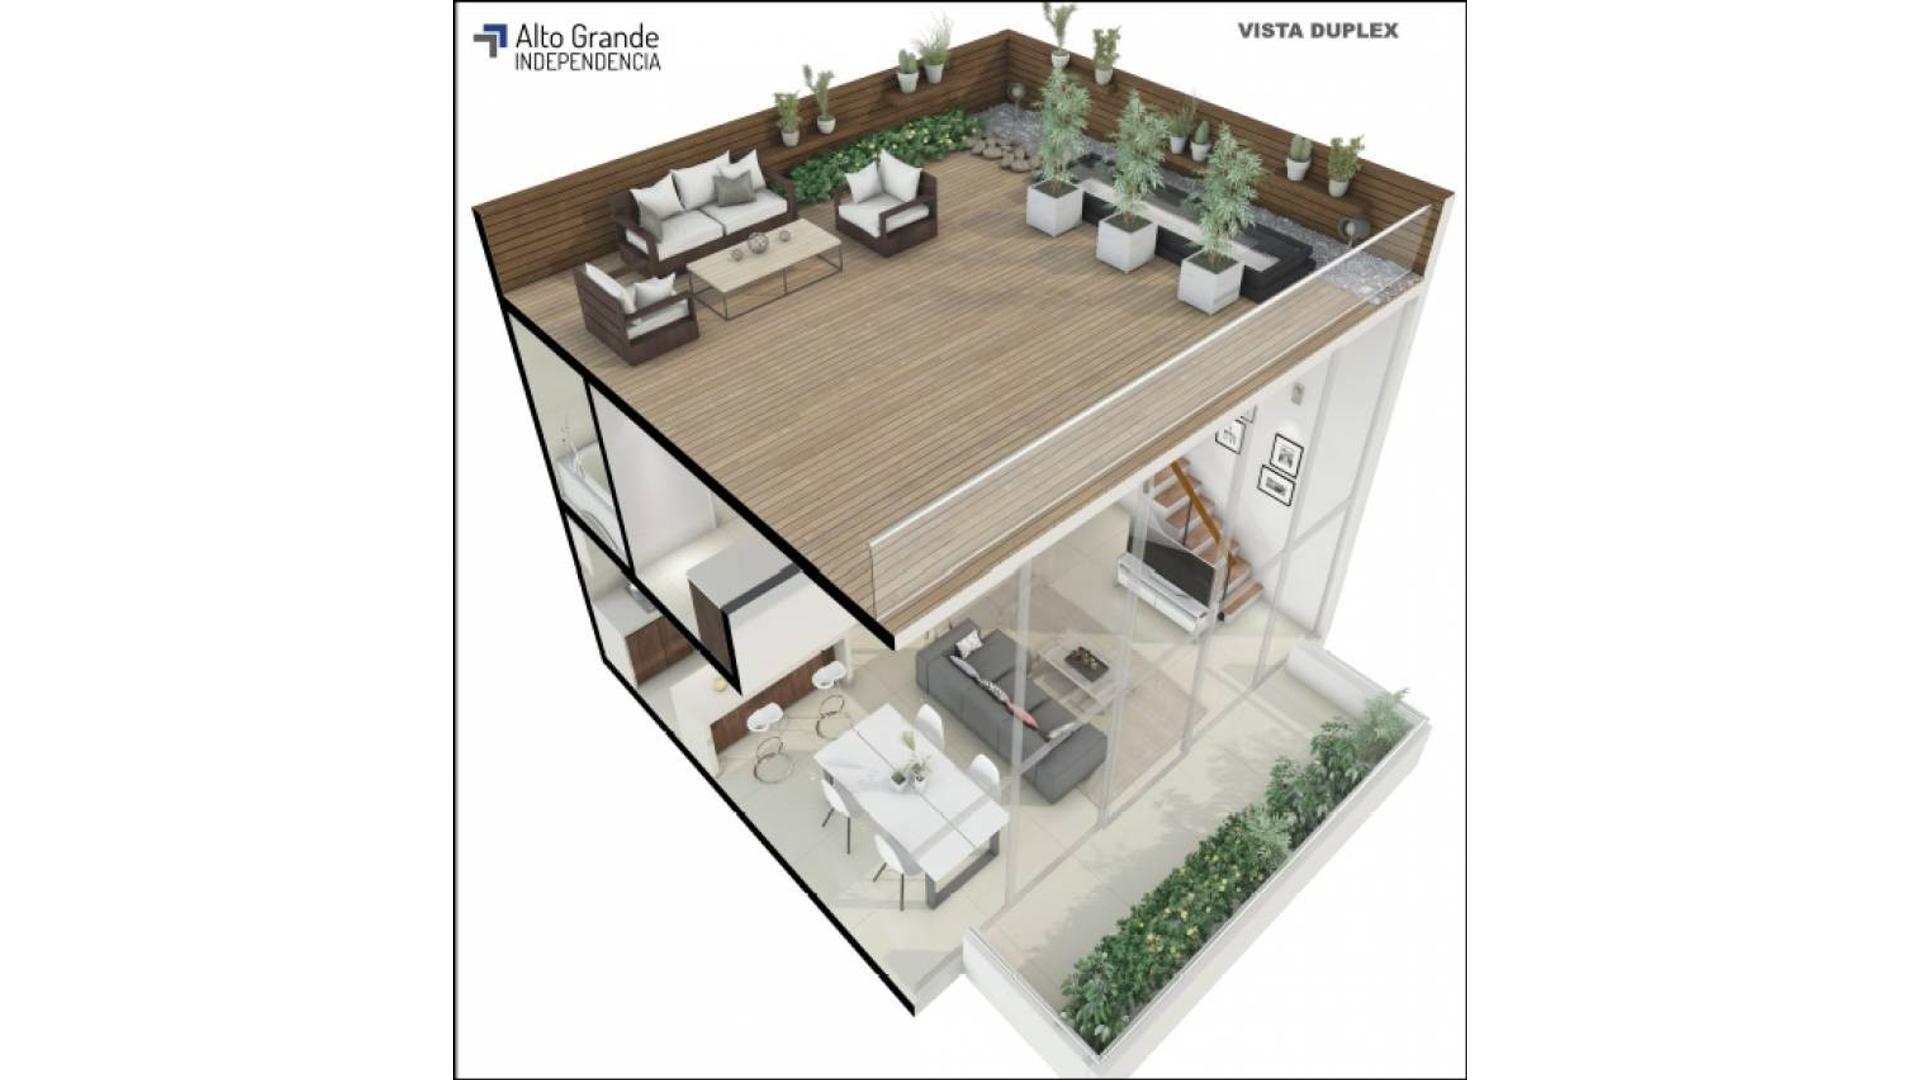 Duplex 2amb con Terraza propia. Luminoso en pozo San Telmo. Anticipo y Cuotas en pesos